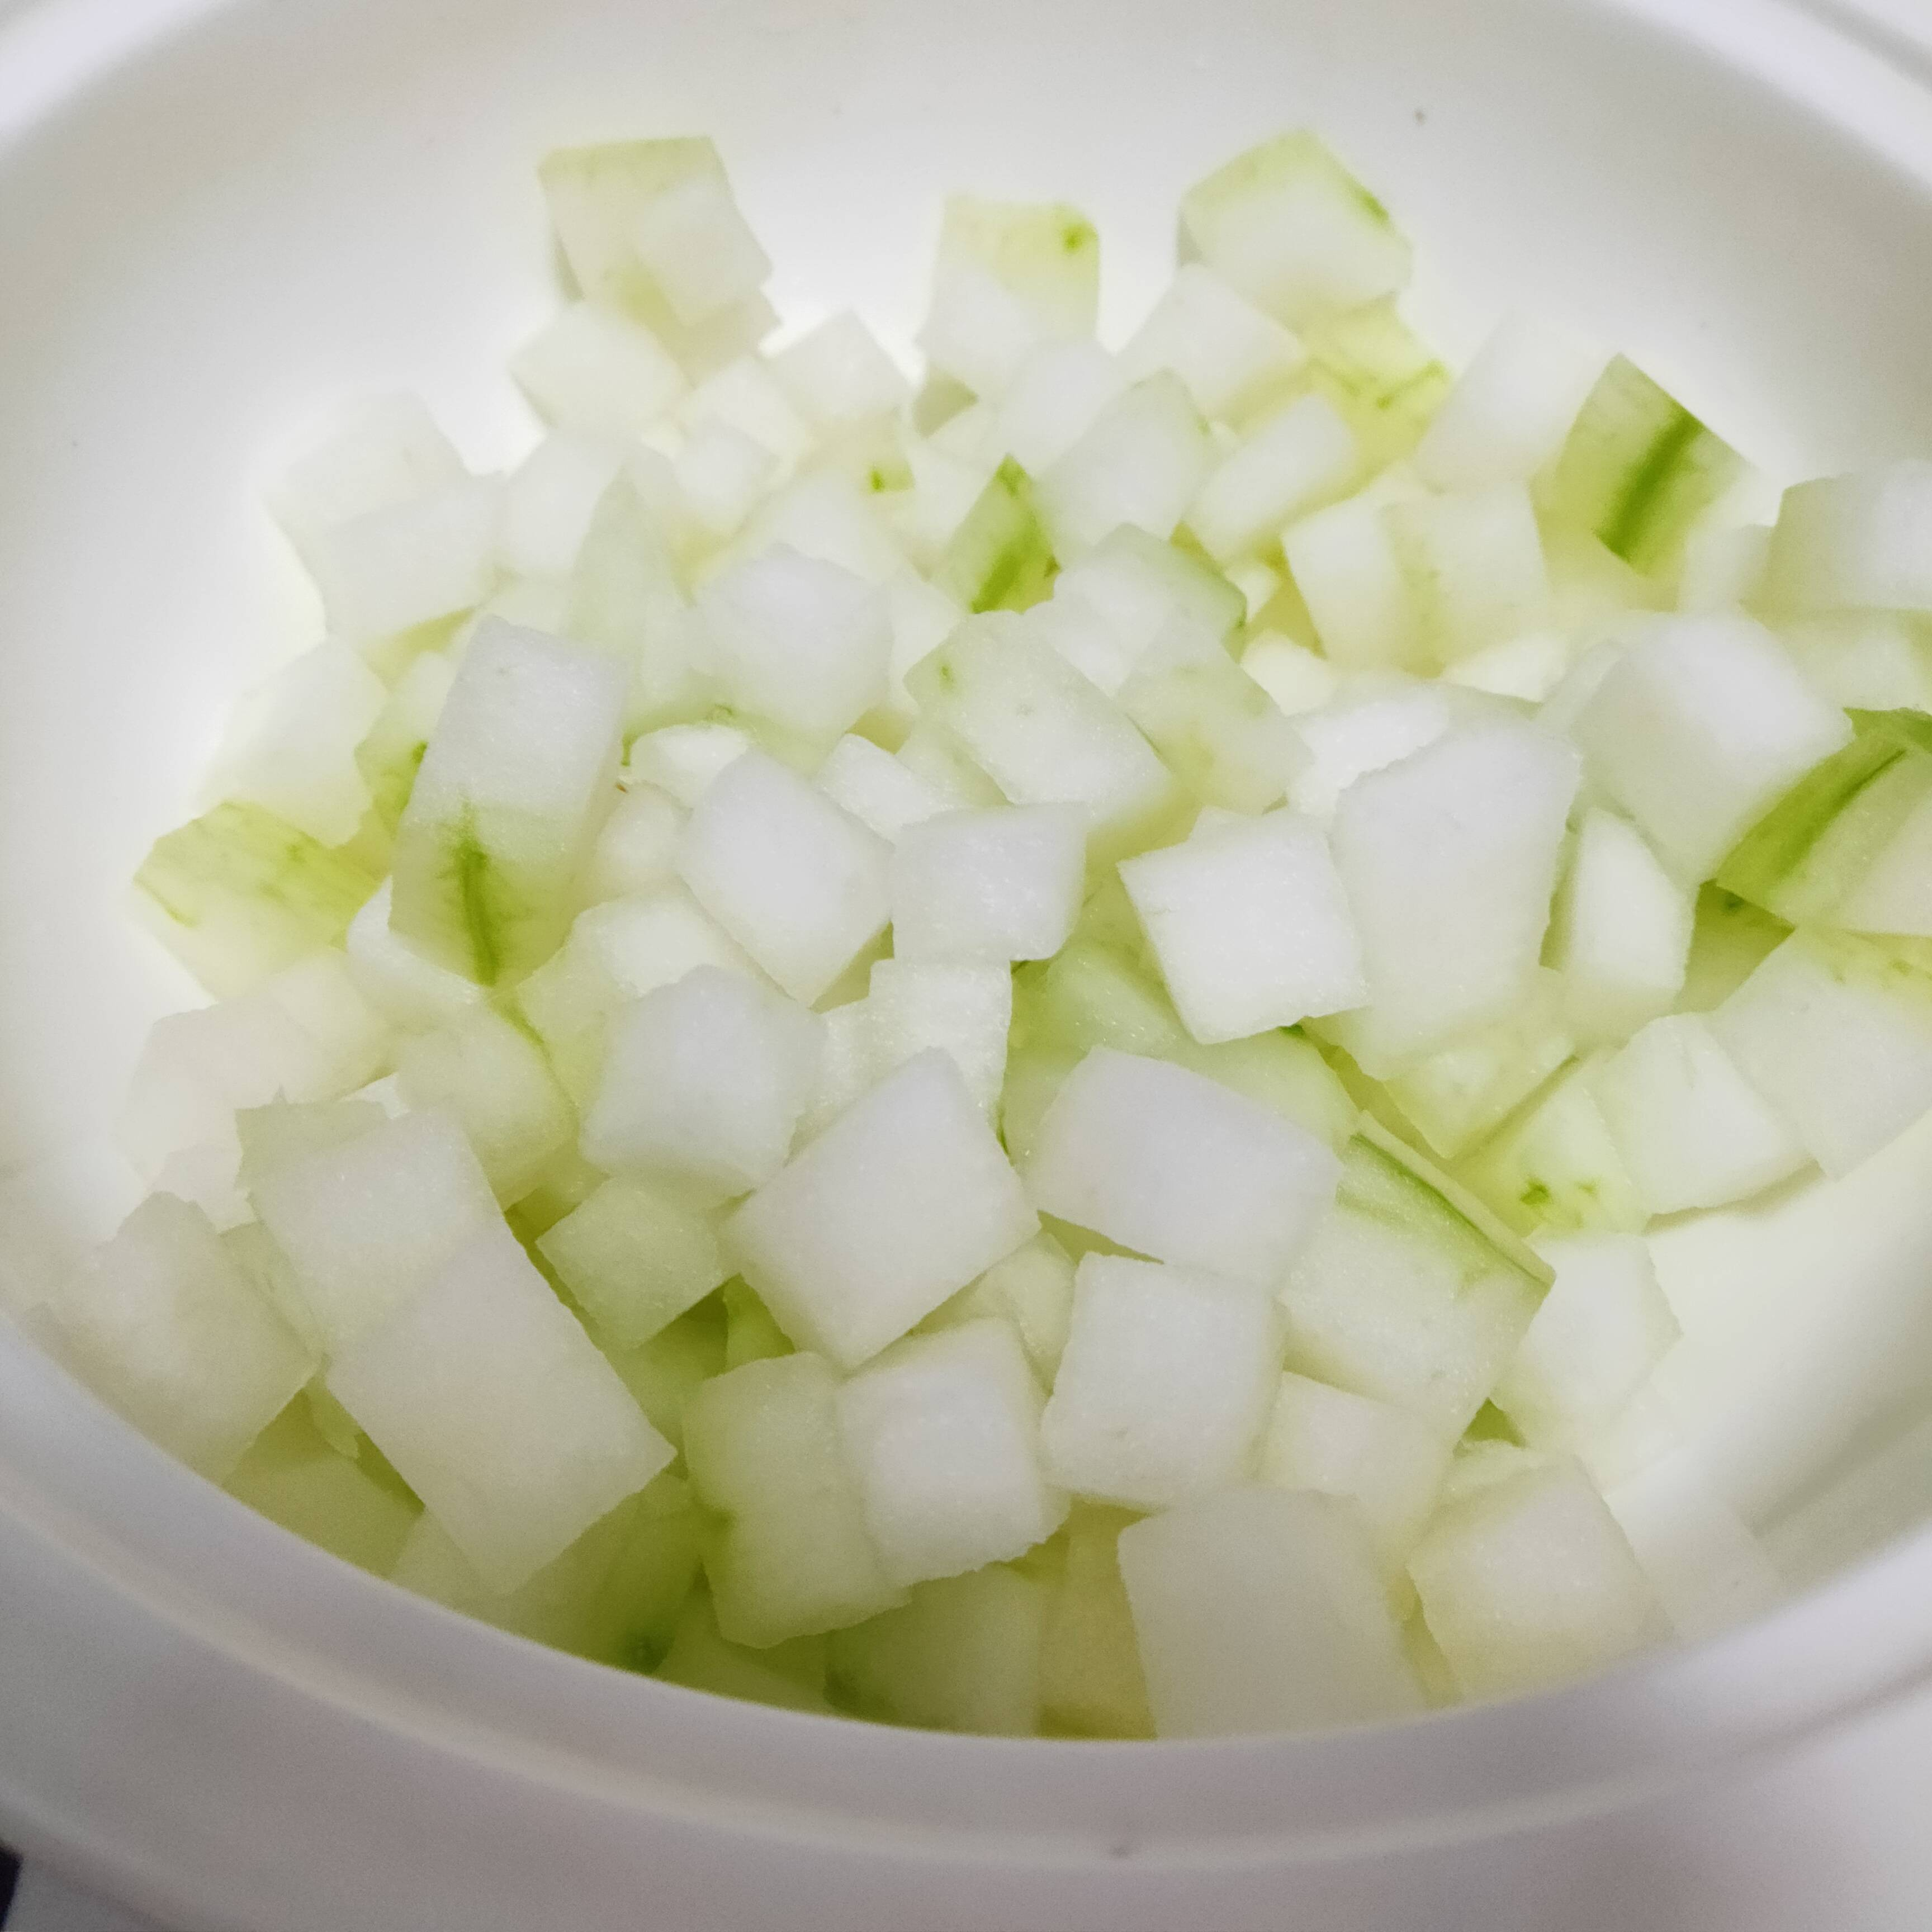 冬瓜虾米汤的做法图解